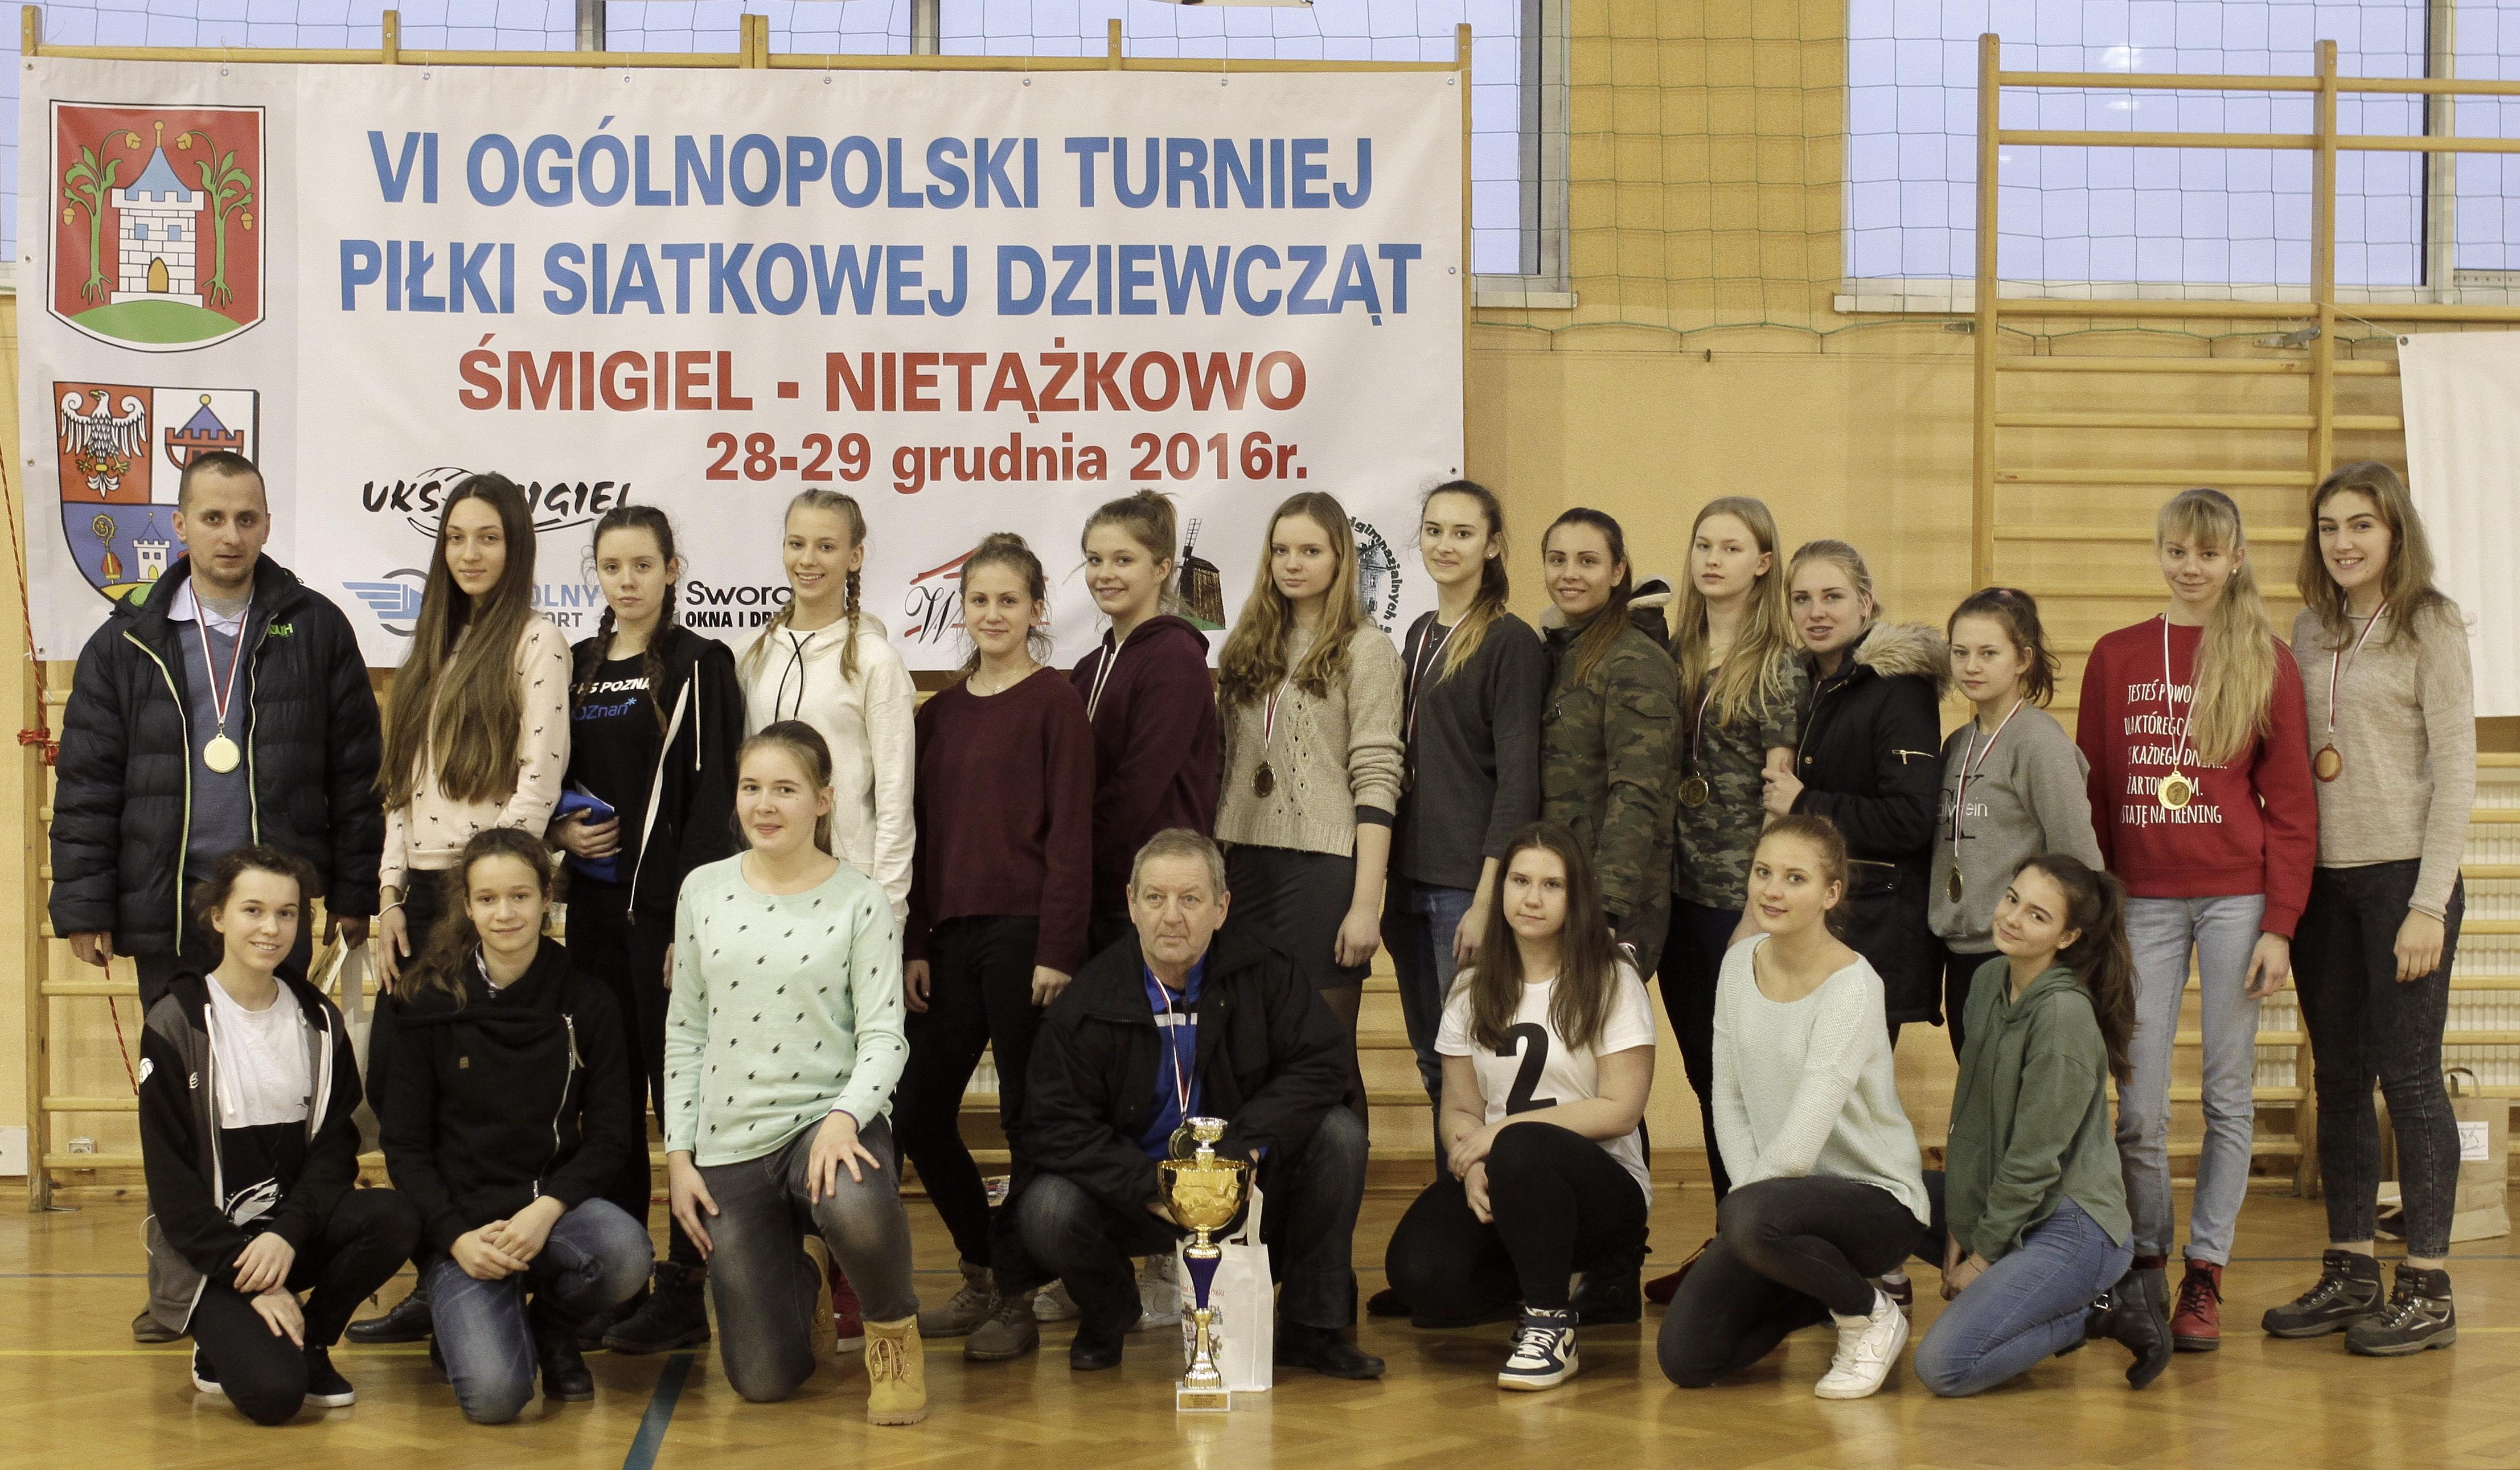 Nietążkowo: Juniorki wygrały Ogólnopolski Turniej Sylwestrowy w Nietążkowie! 10 miejsce kadetek